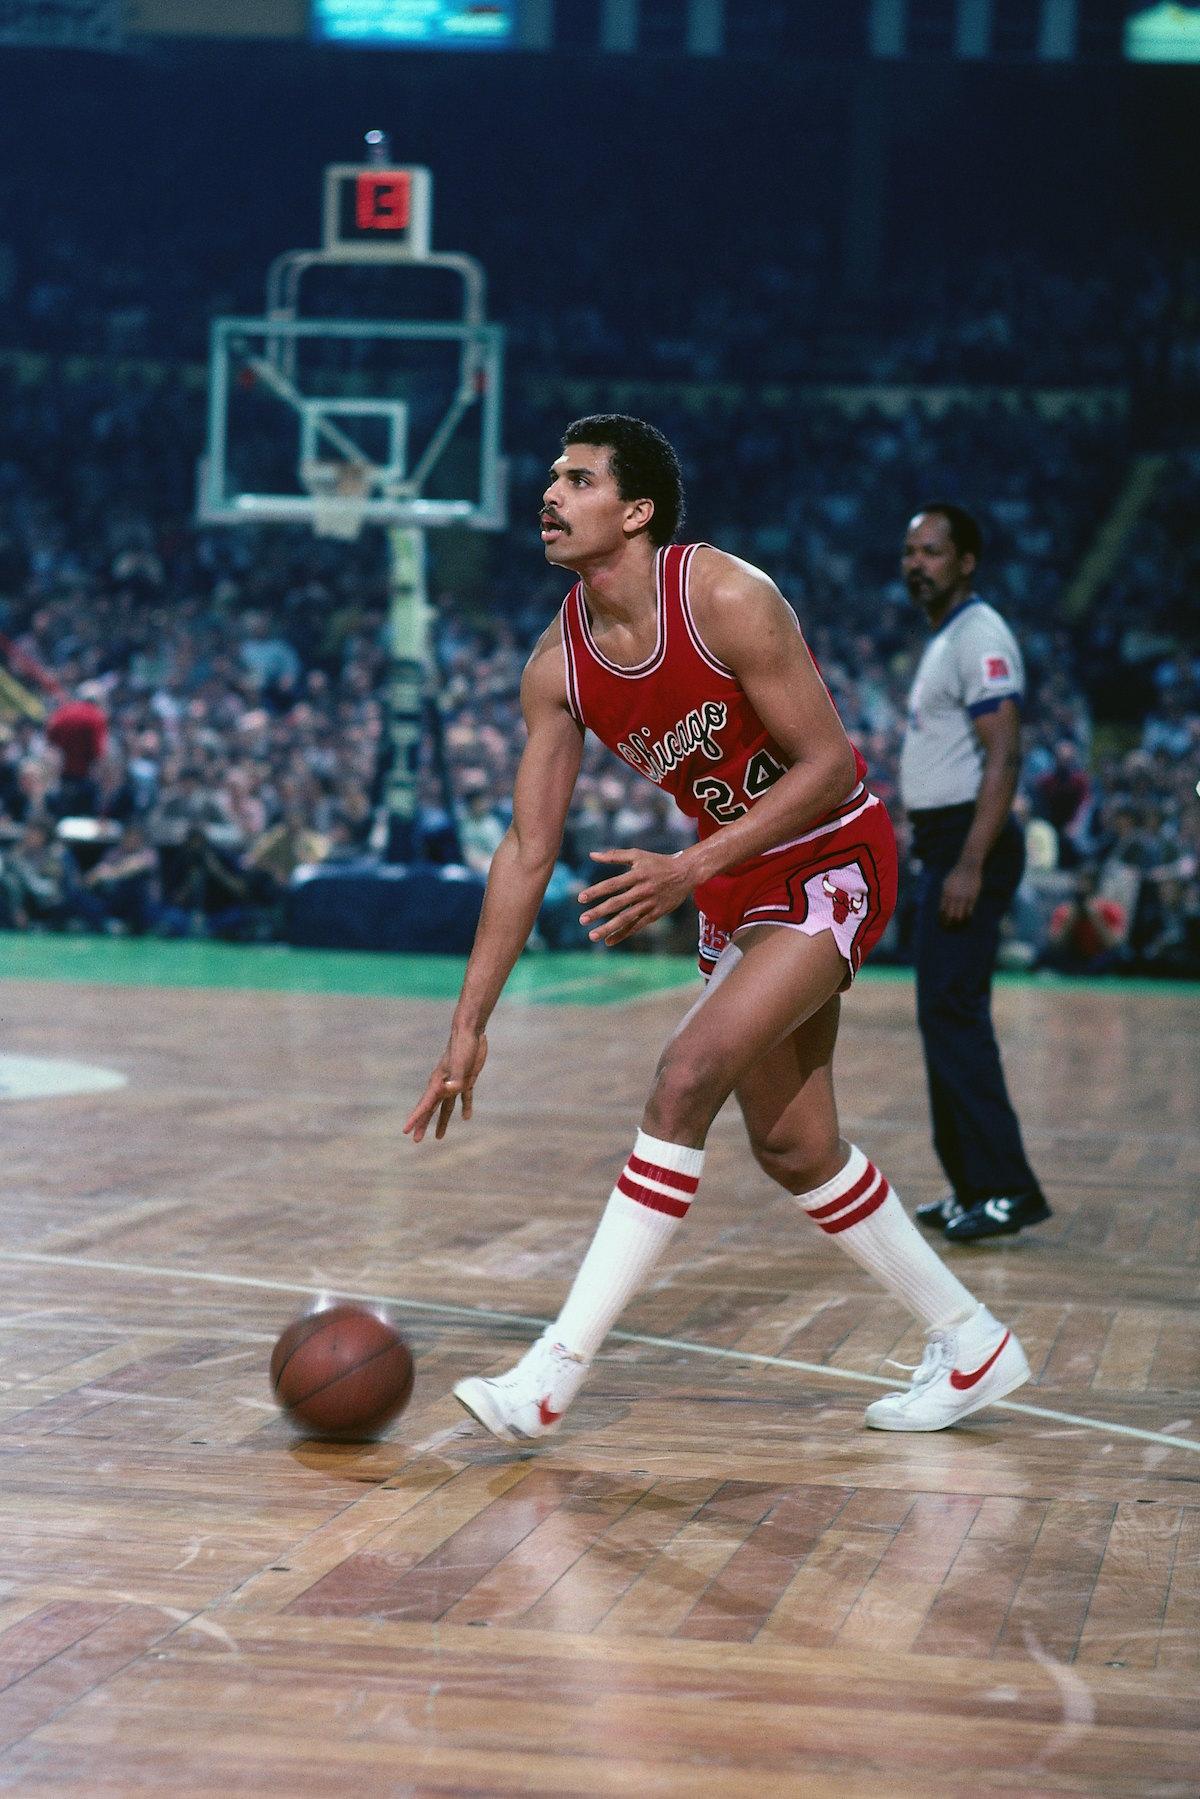 Reggie Theus My Most Memorabull Gam...